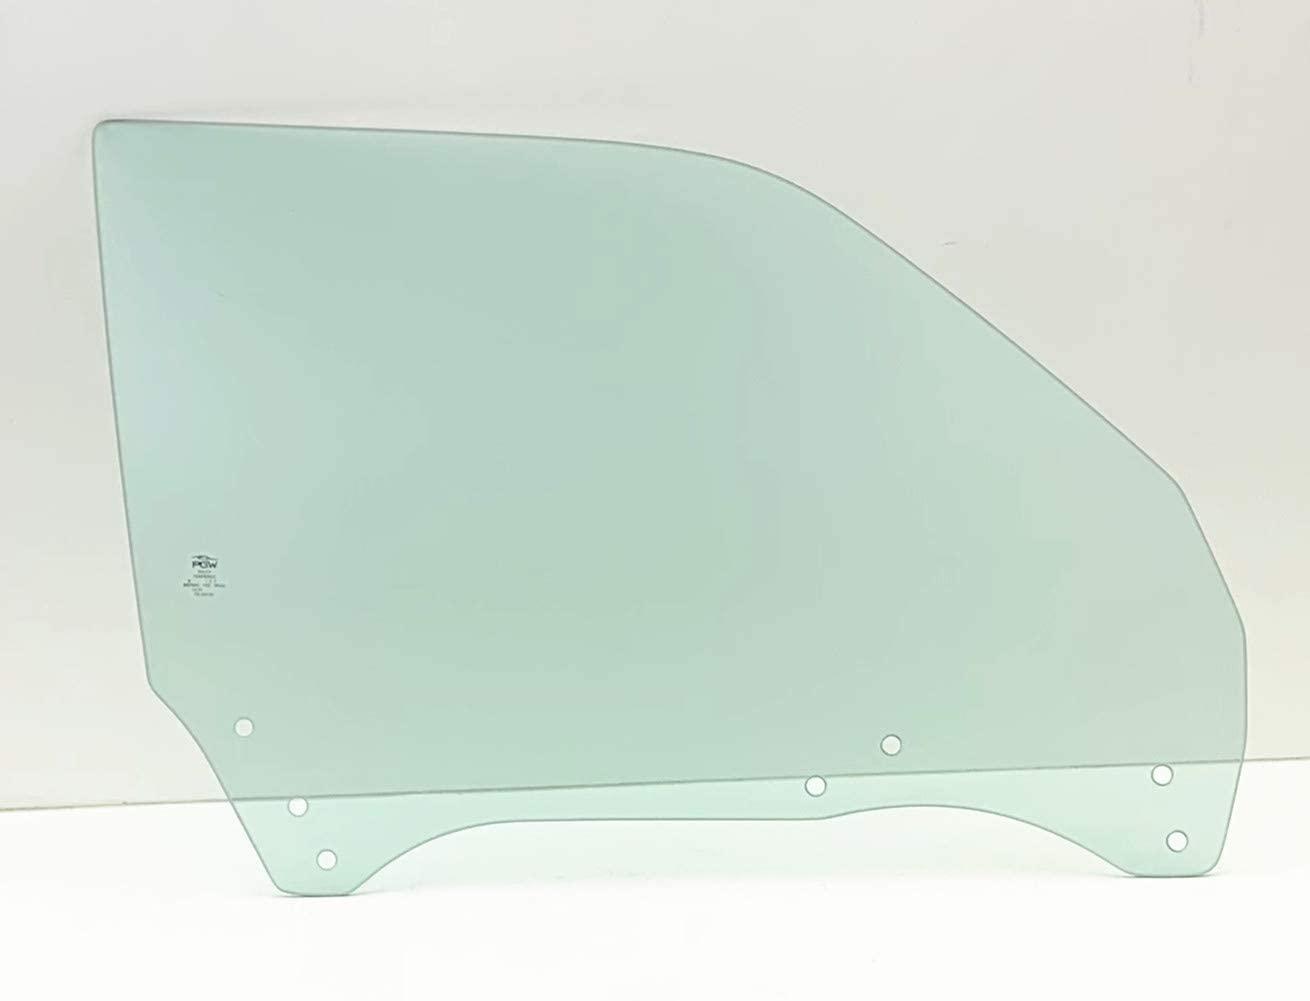 NAGD Passenger Right Side Front Door Window Door Glass Compatible with Subaru Forester 1998-2002 Models